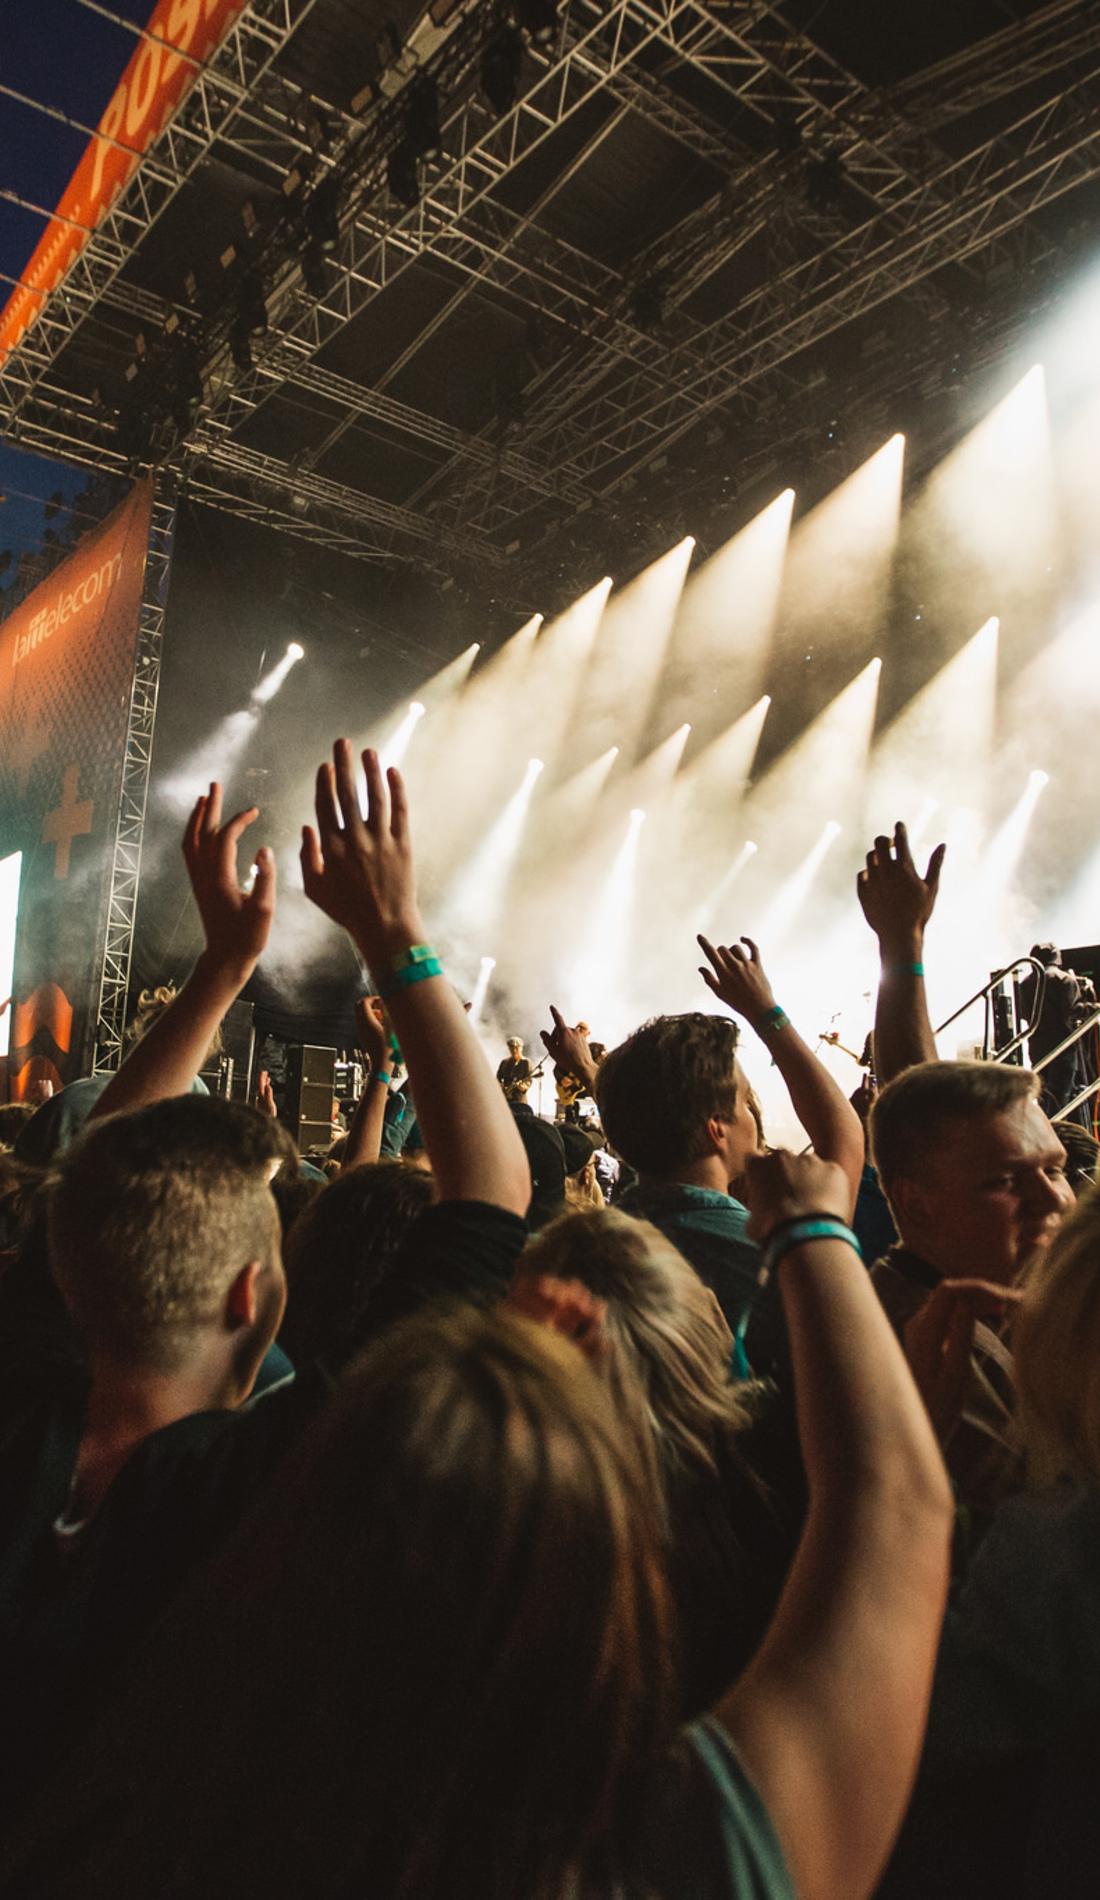 A CMA Music Festival live event